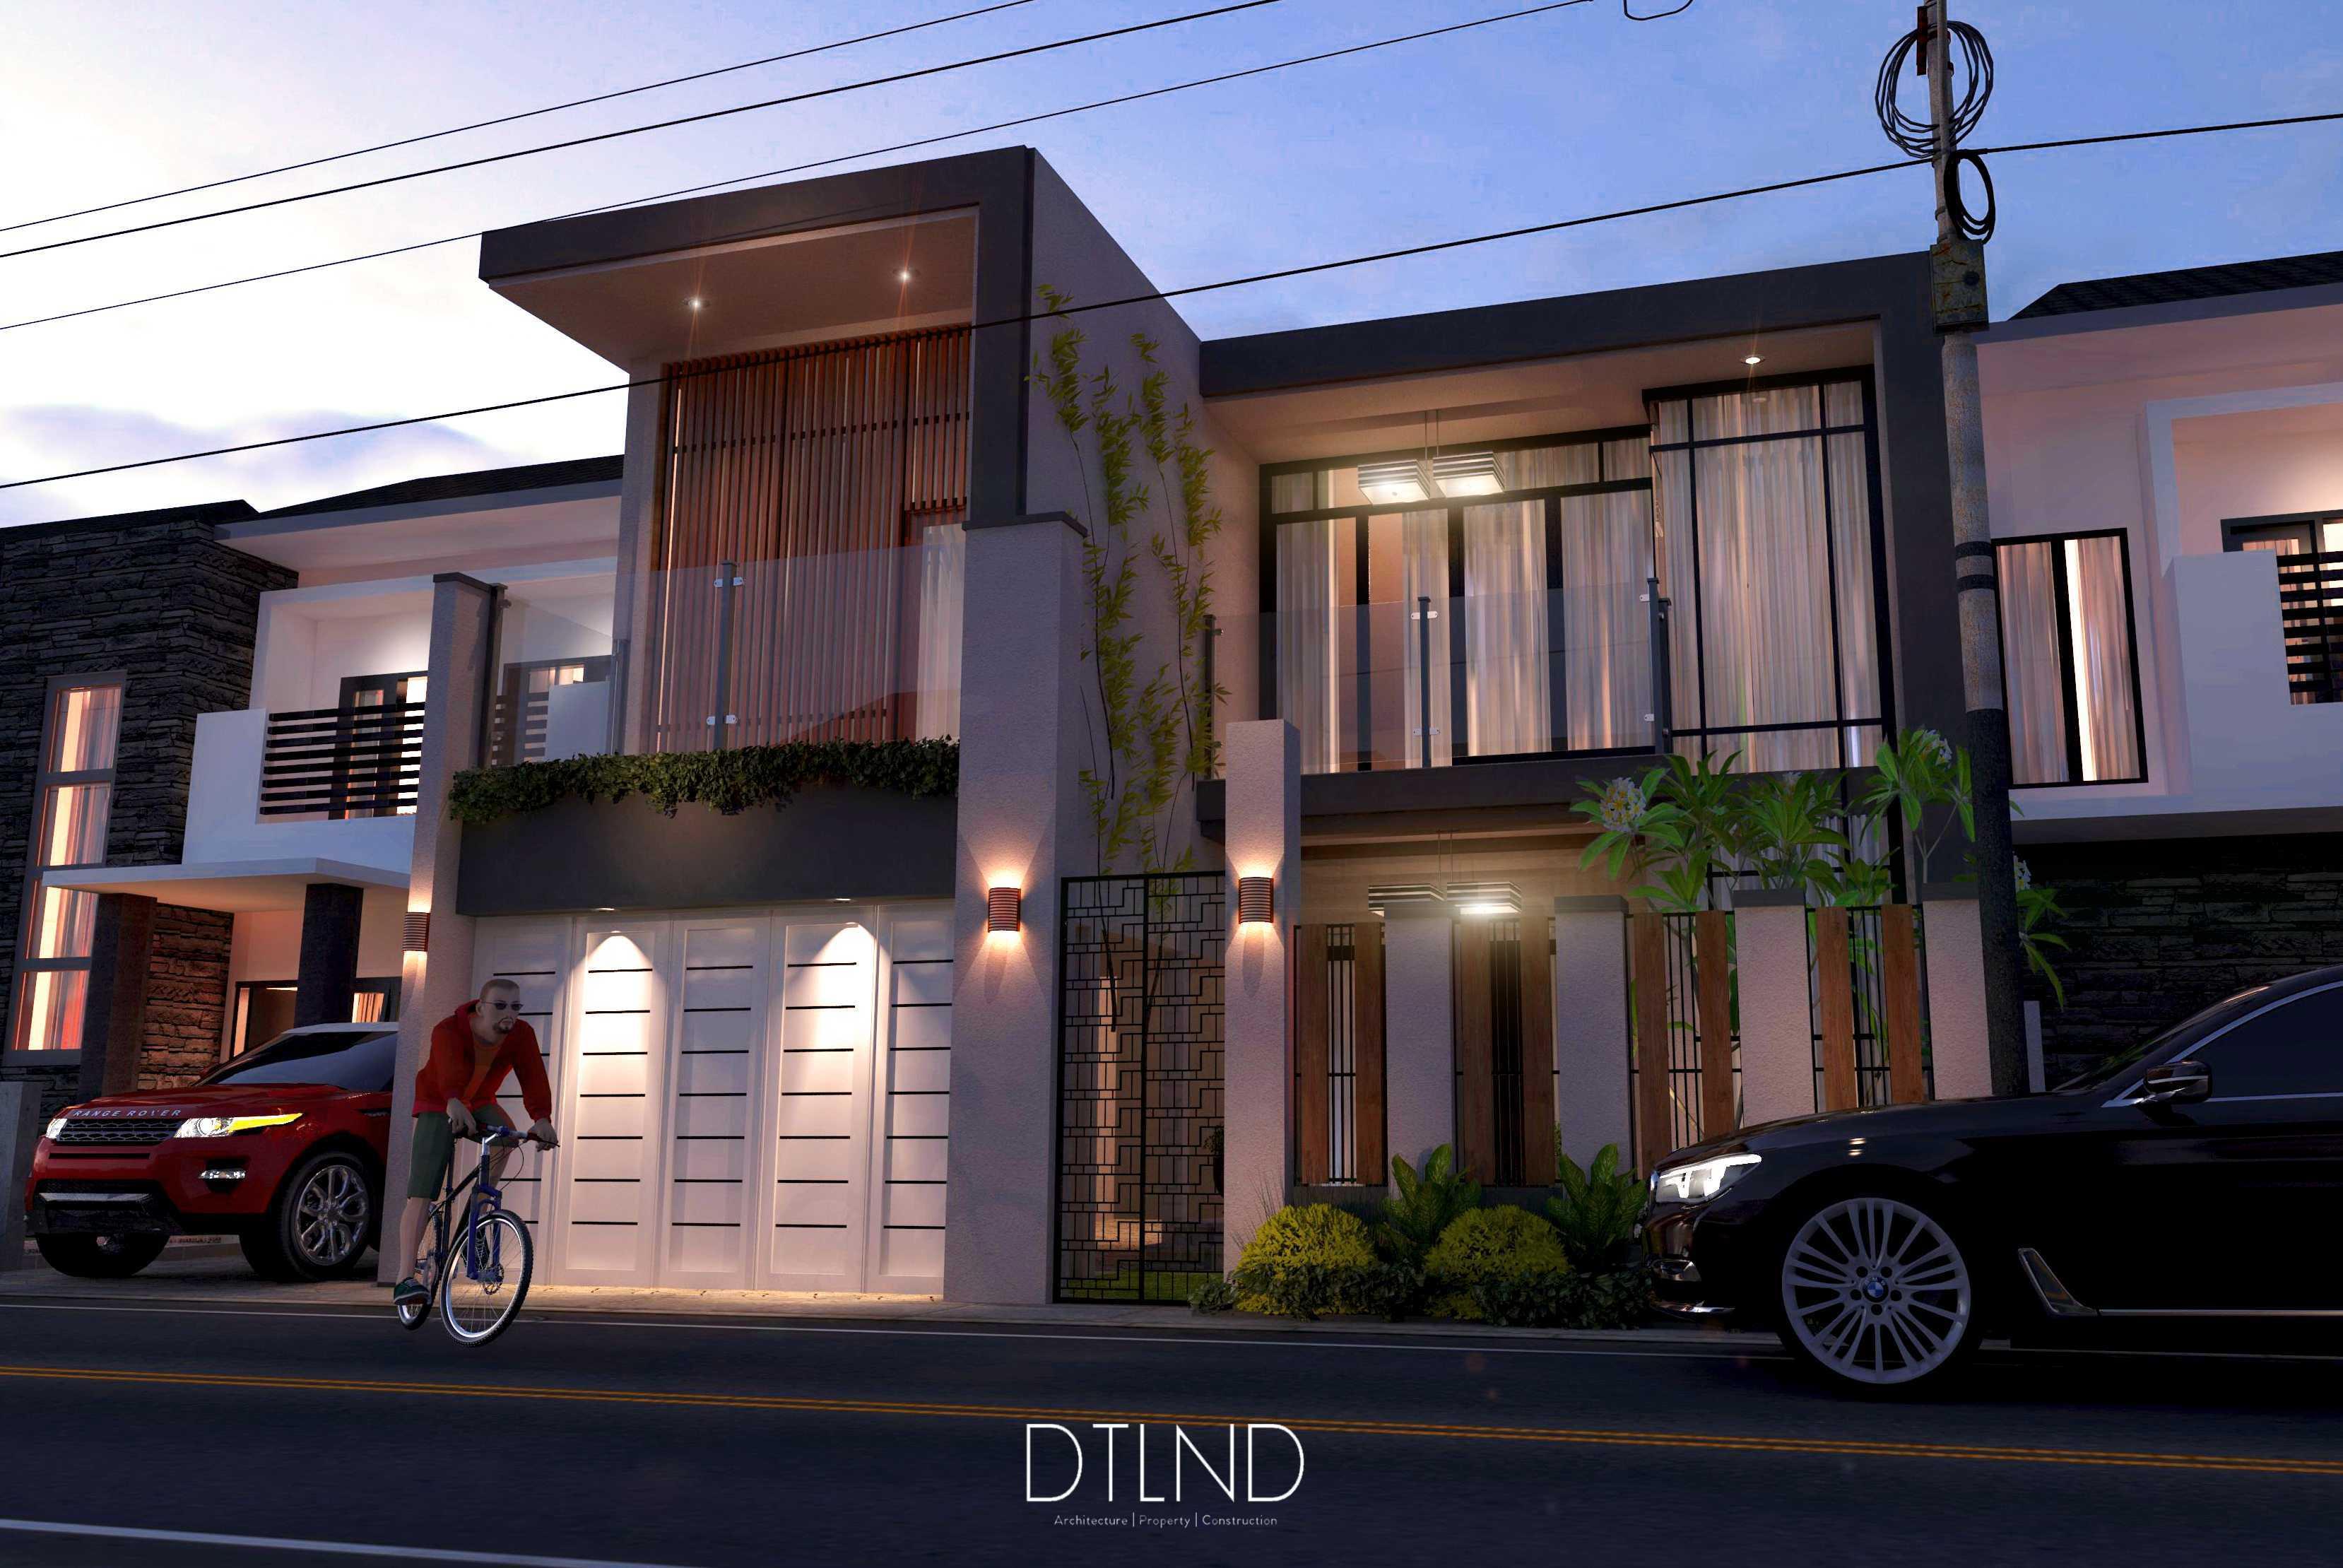 Dutaland Rumah Seroja Kota Medan, Sumatera Utara, Indonesia Kota Medan, Sumatera Utara, Indonesia Rumah Seroja - Facade   41527